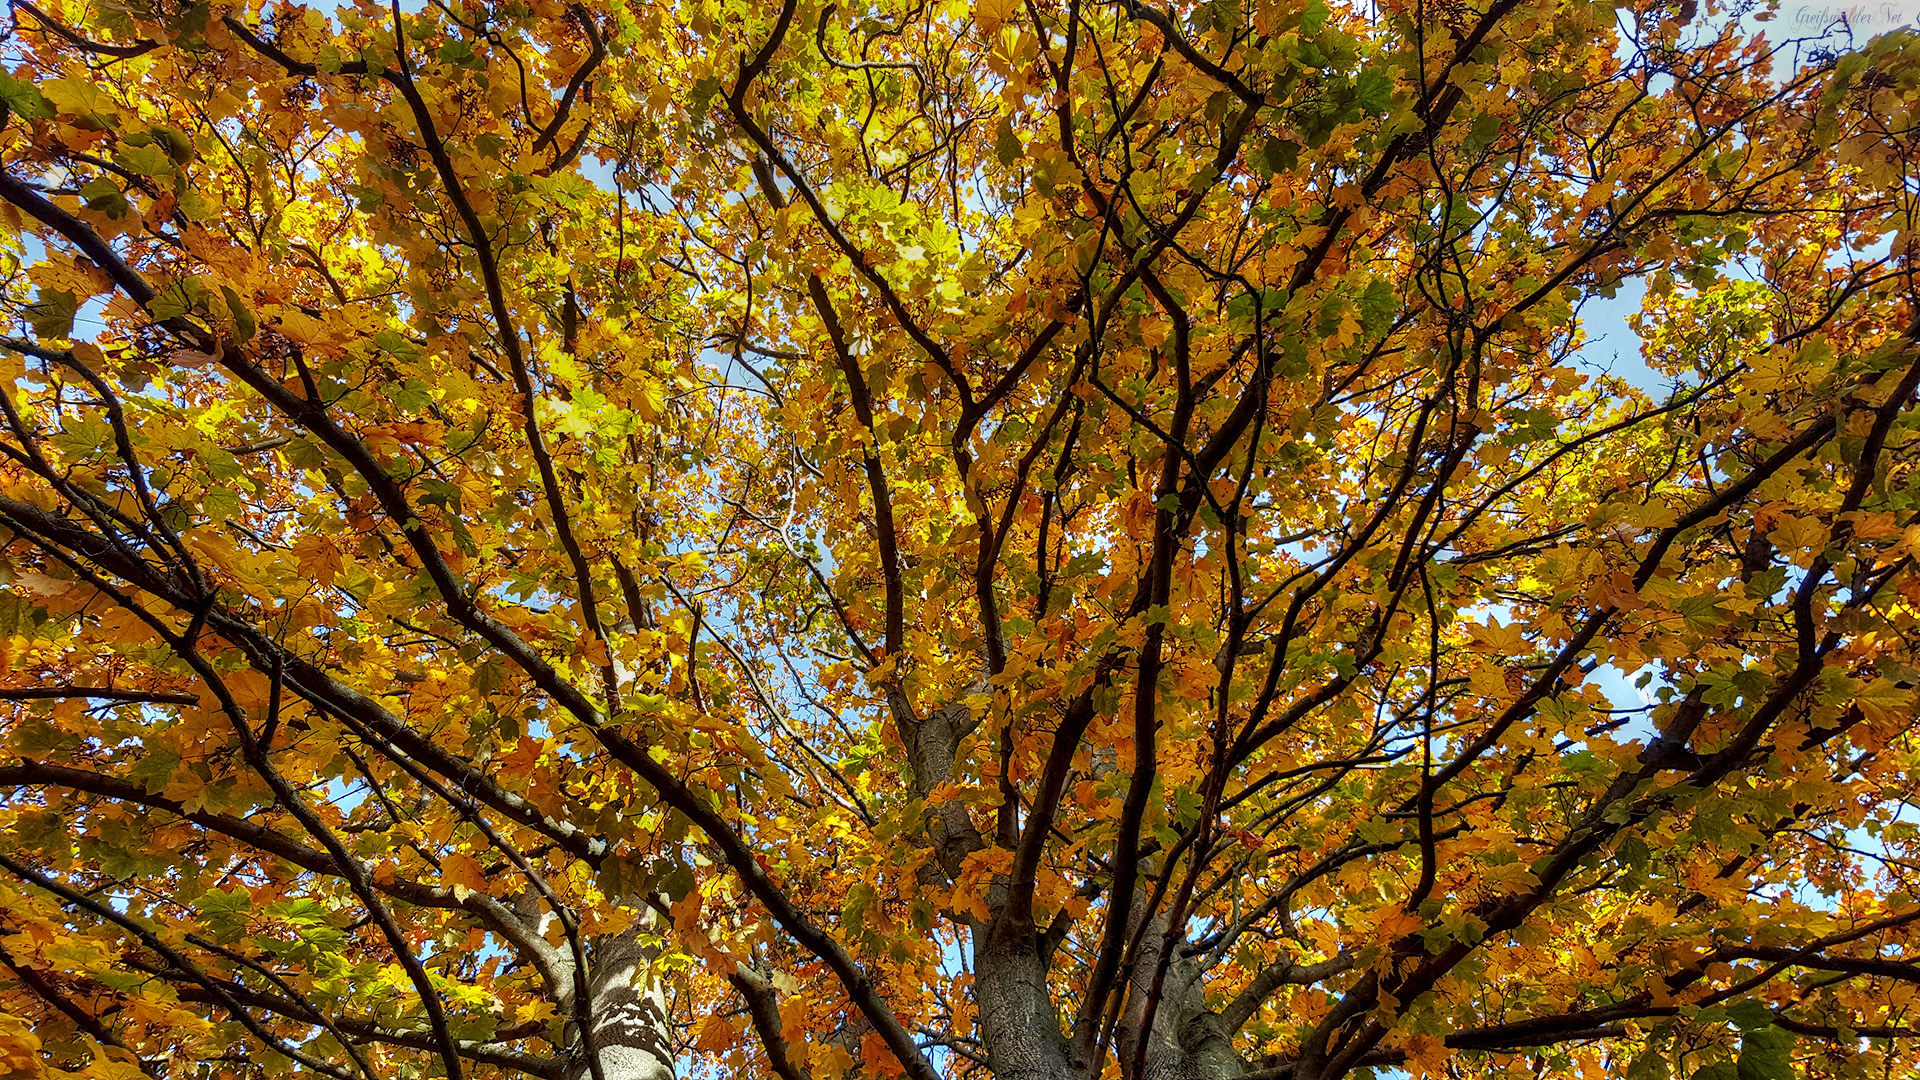 Buntes Blätterdach - Herbst Komposition